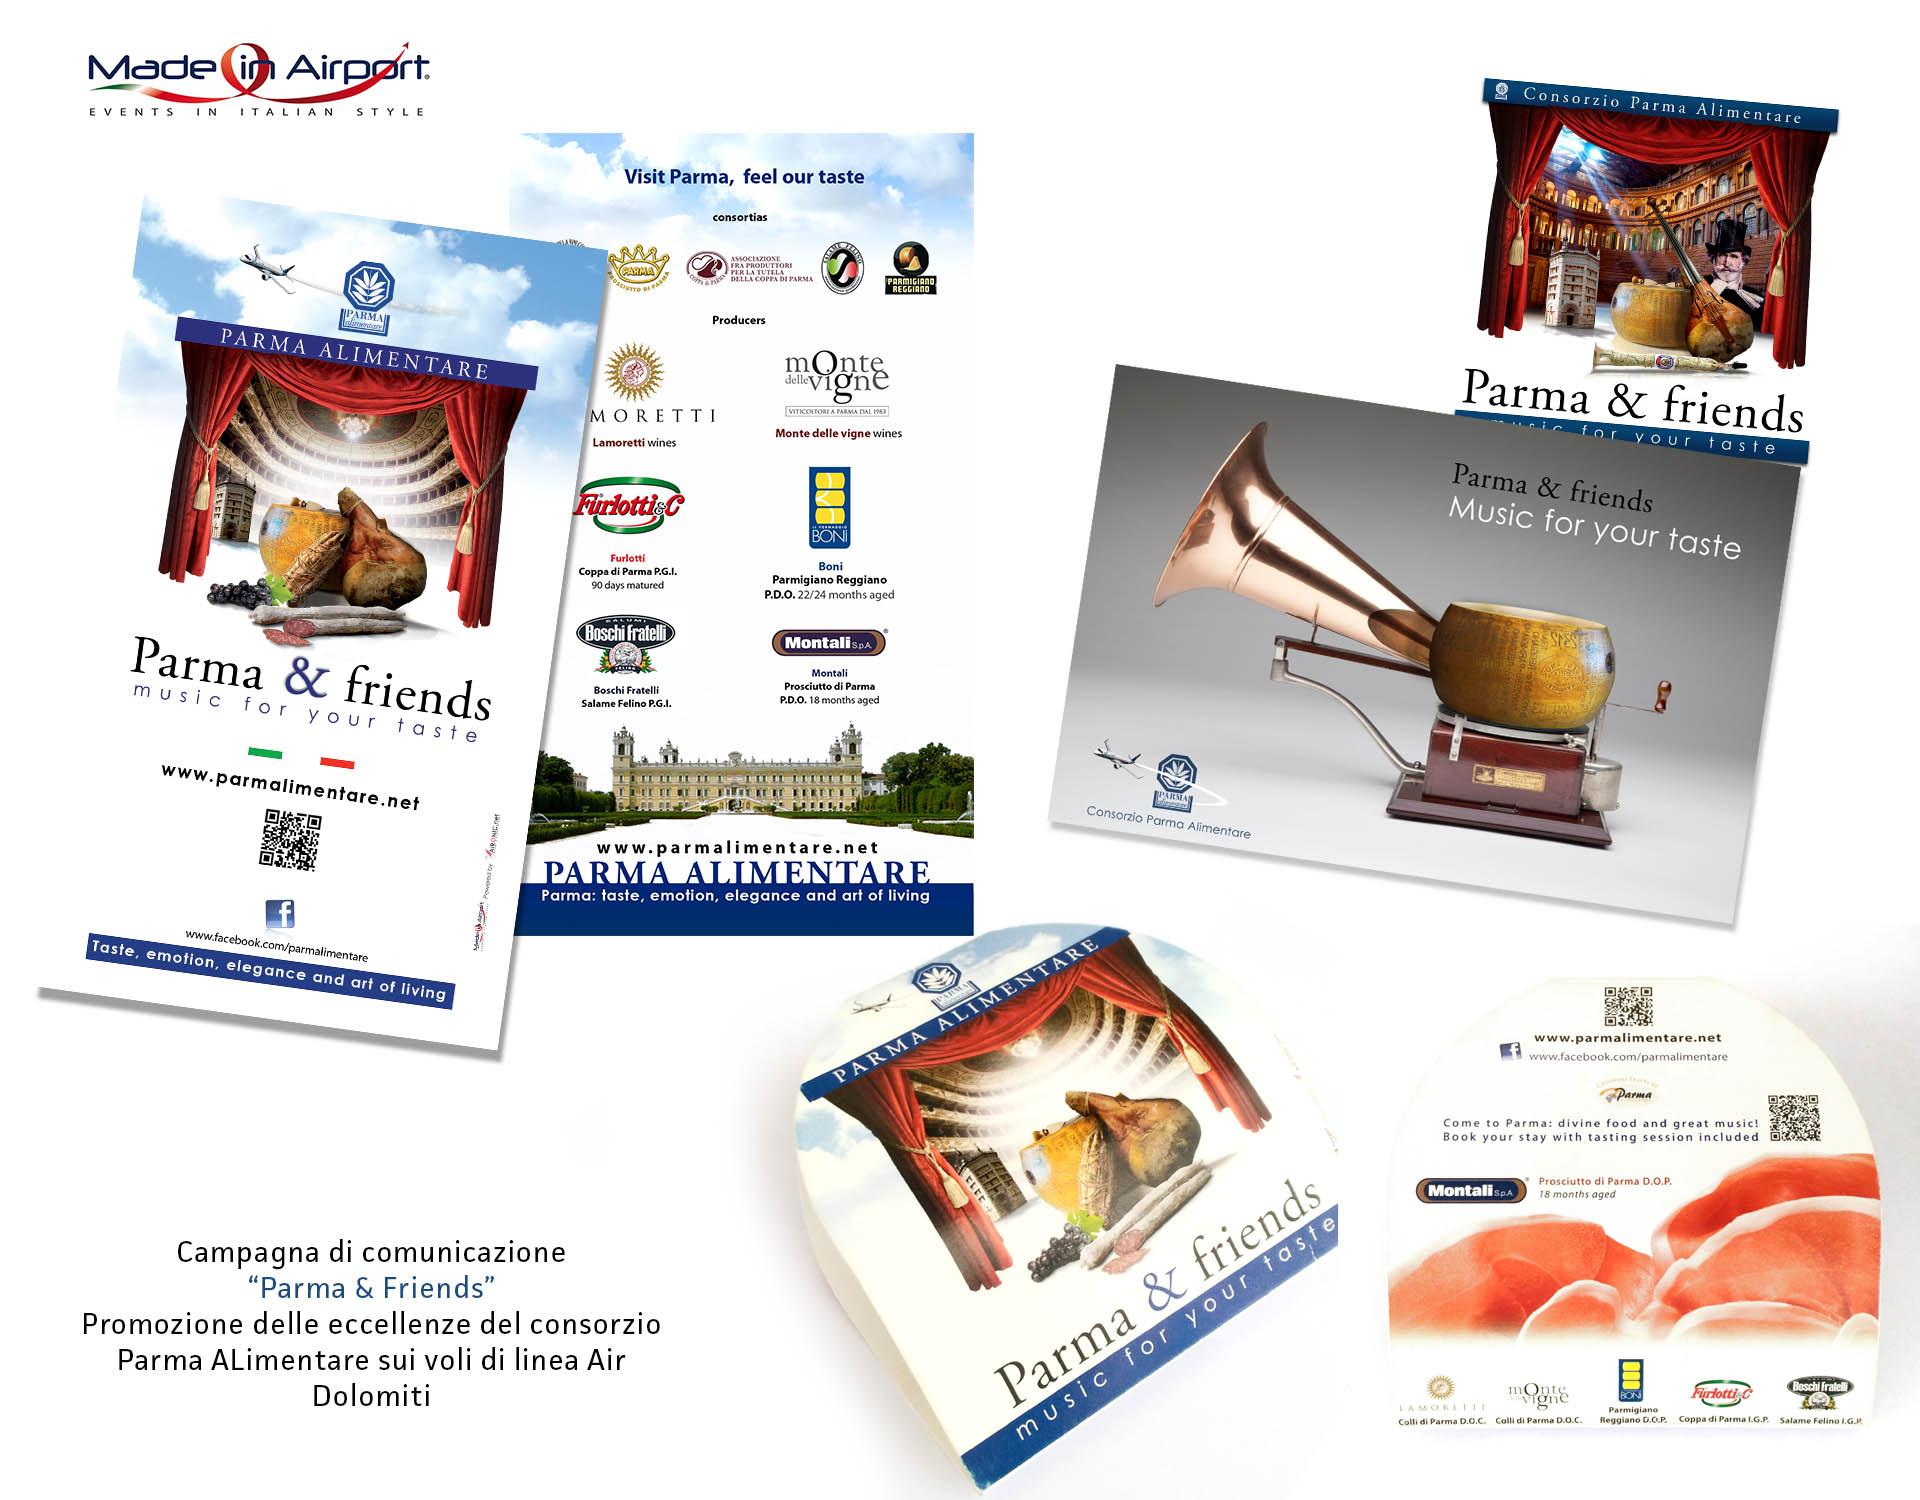 aironic_ugo-capparelli_comunicazione_consorzio_parma_alimentare